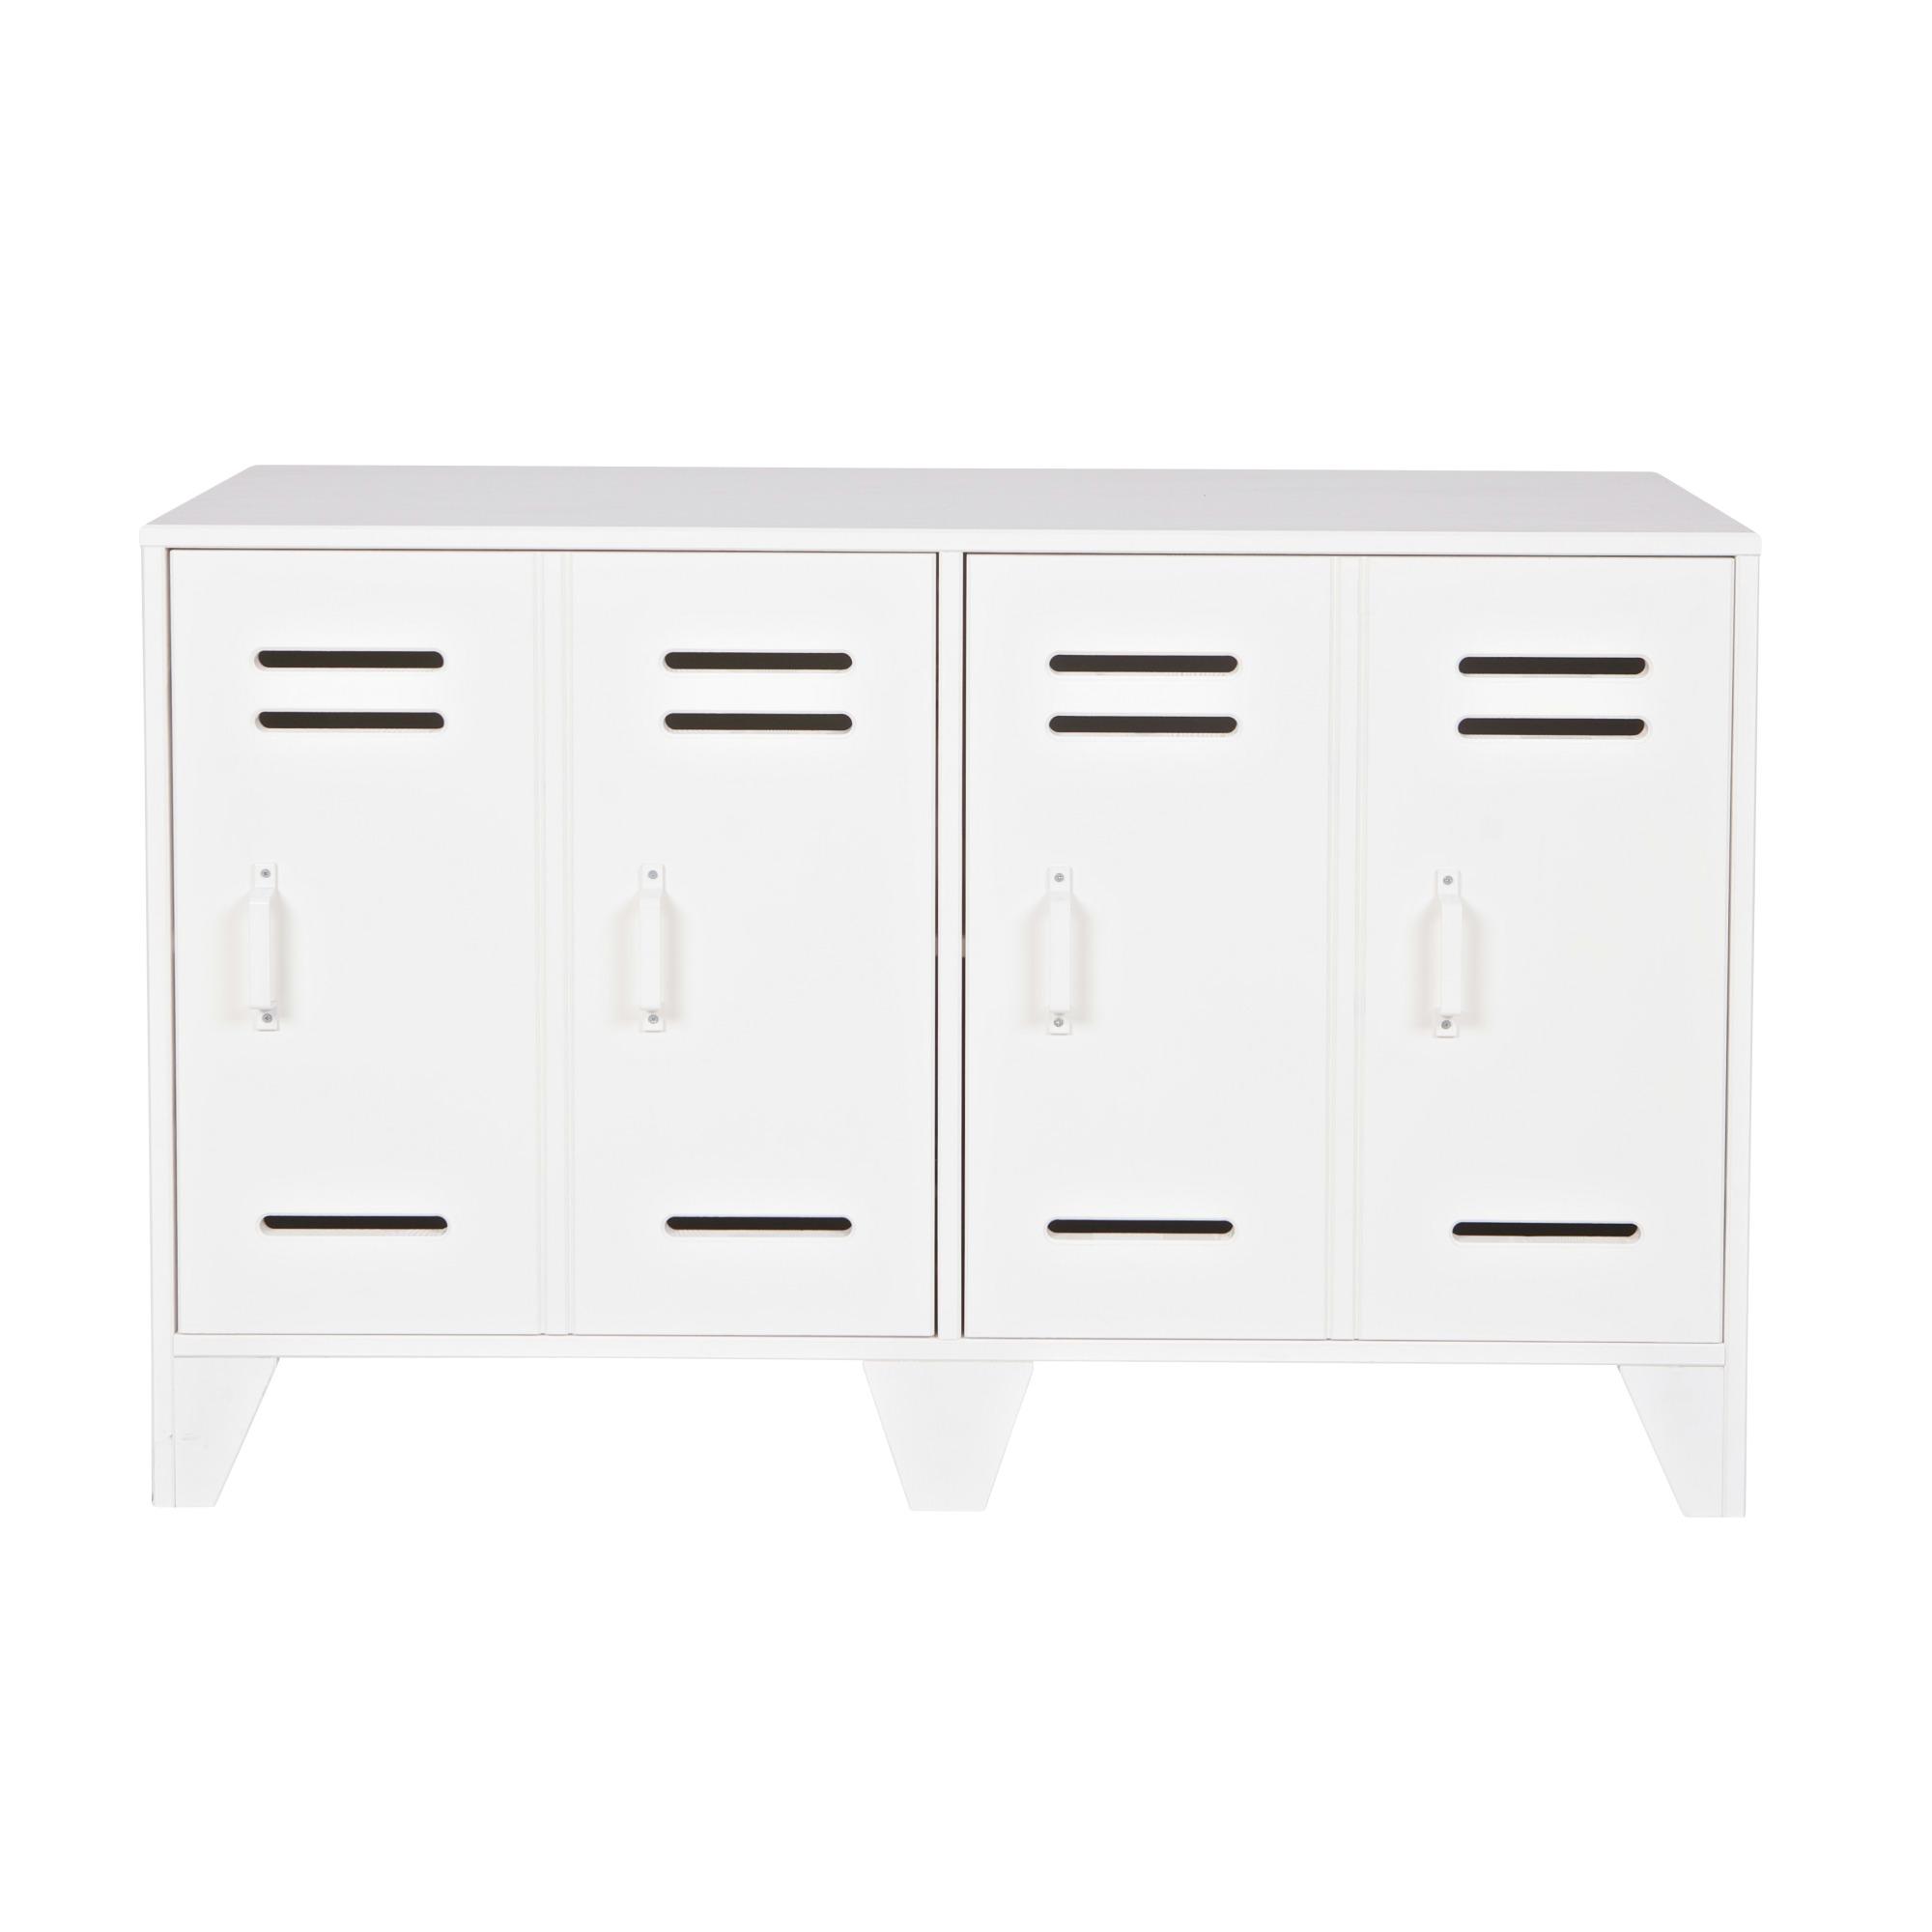 Woood cabinet Stijn white